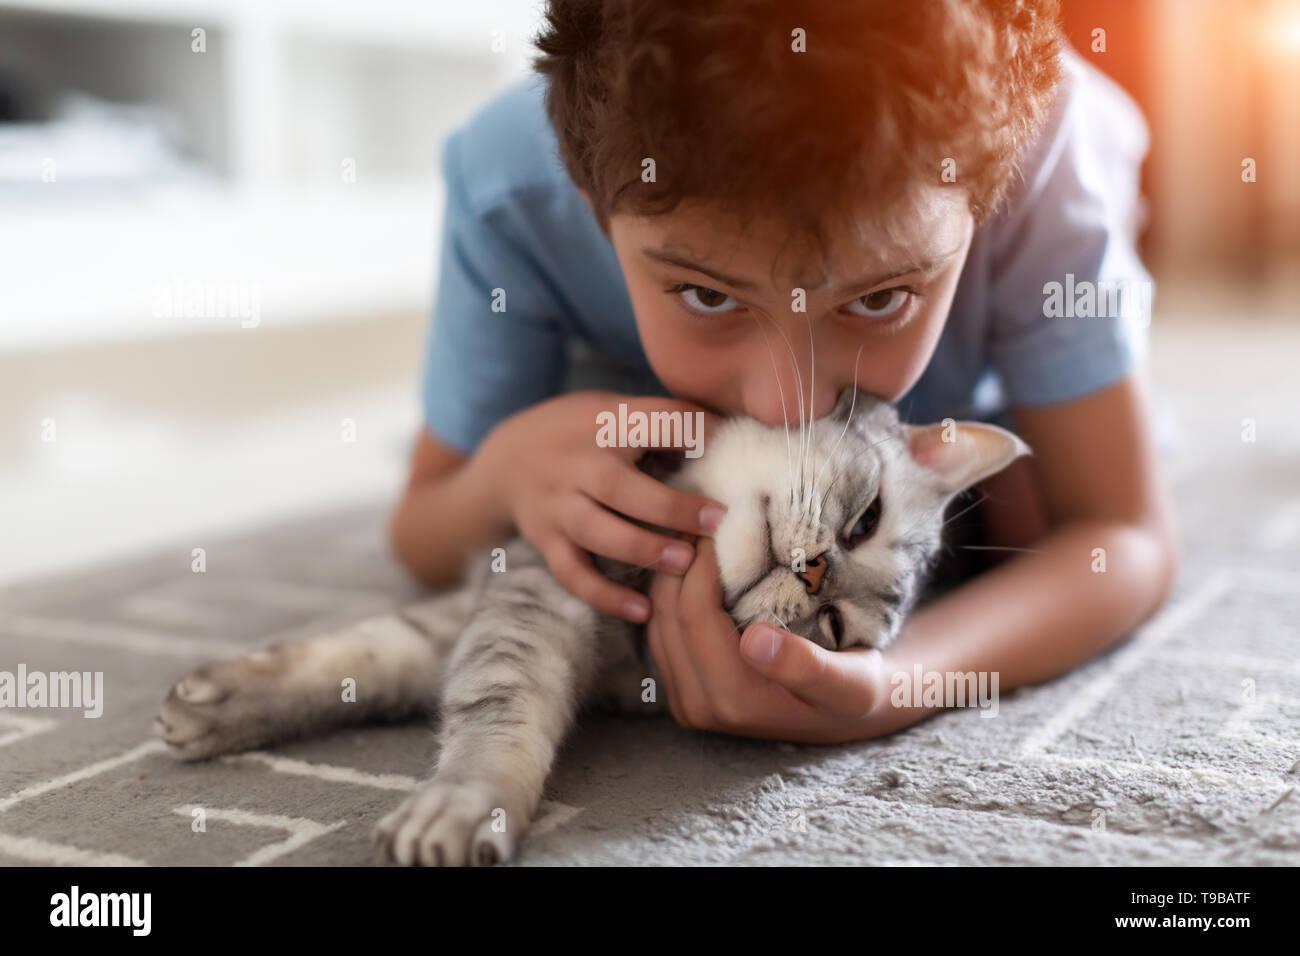 Adorable petit enfant jouant avec British shorthair gris sur un tapis à la maison Banque D'Images